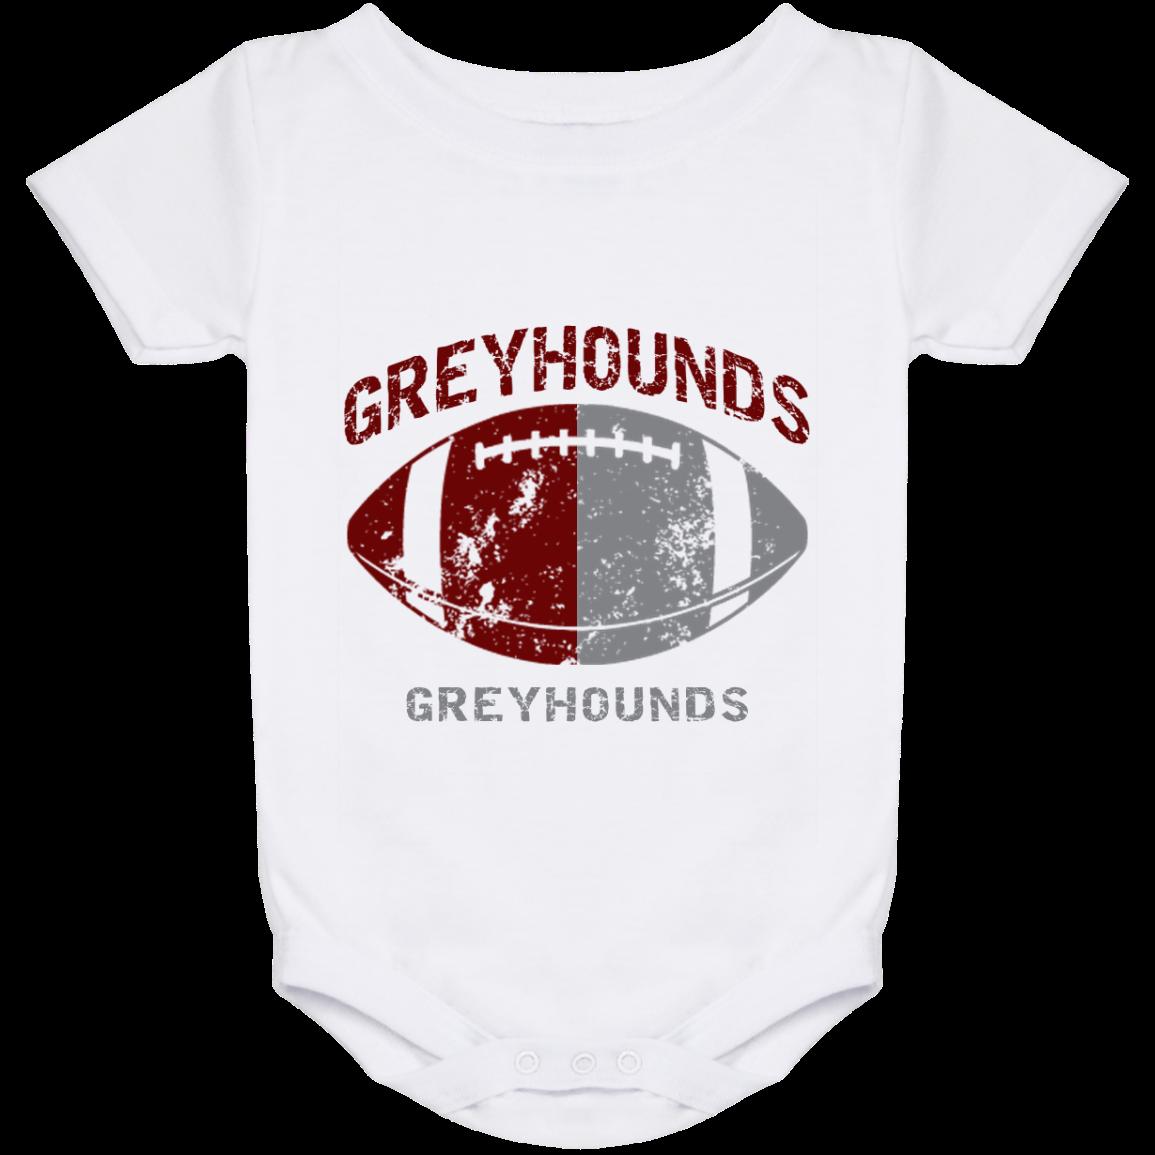 Greyhounds infant month mylocker. Navy clipart onesie